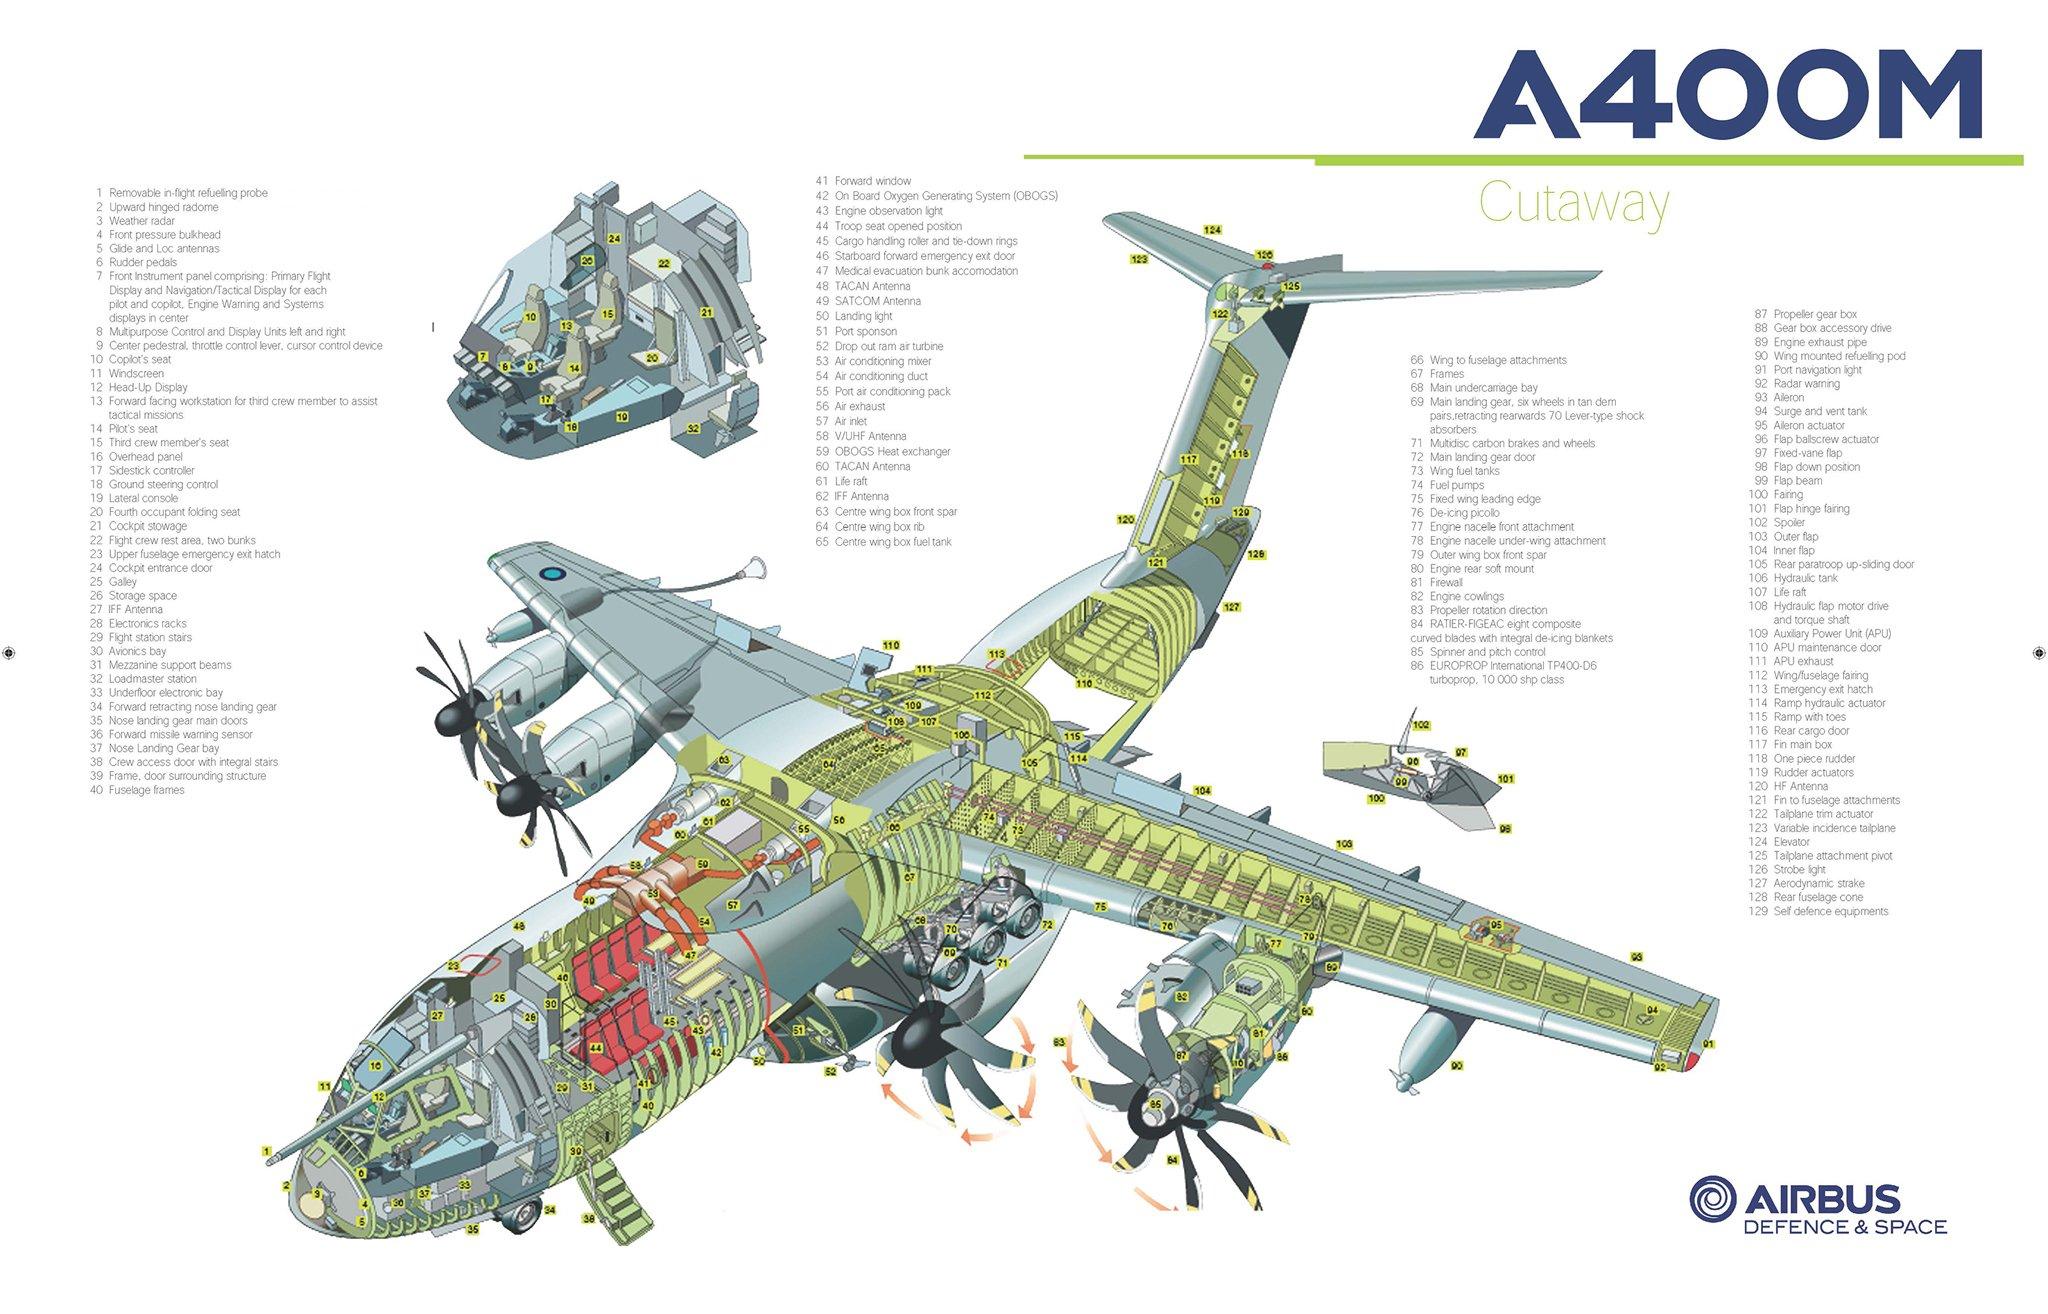 a400m-cutaway